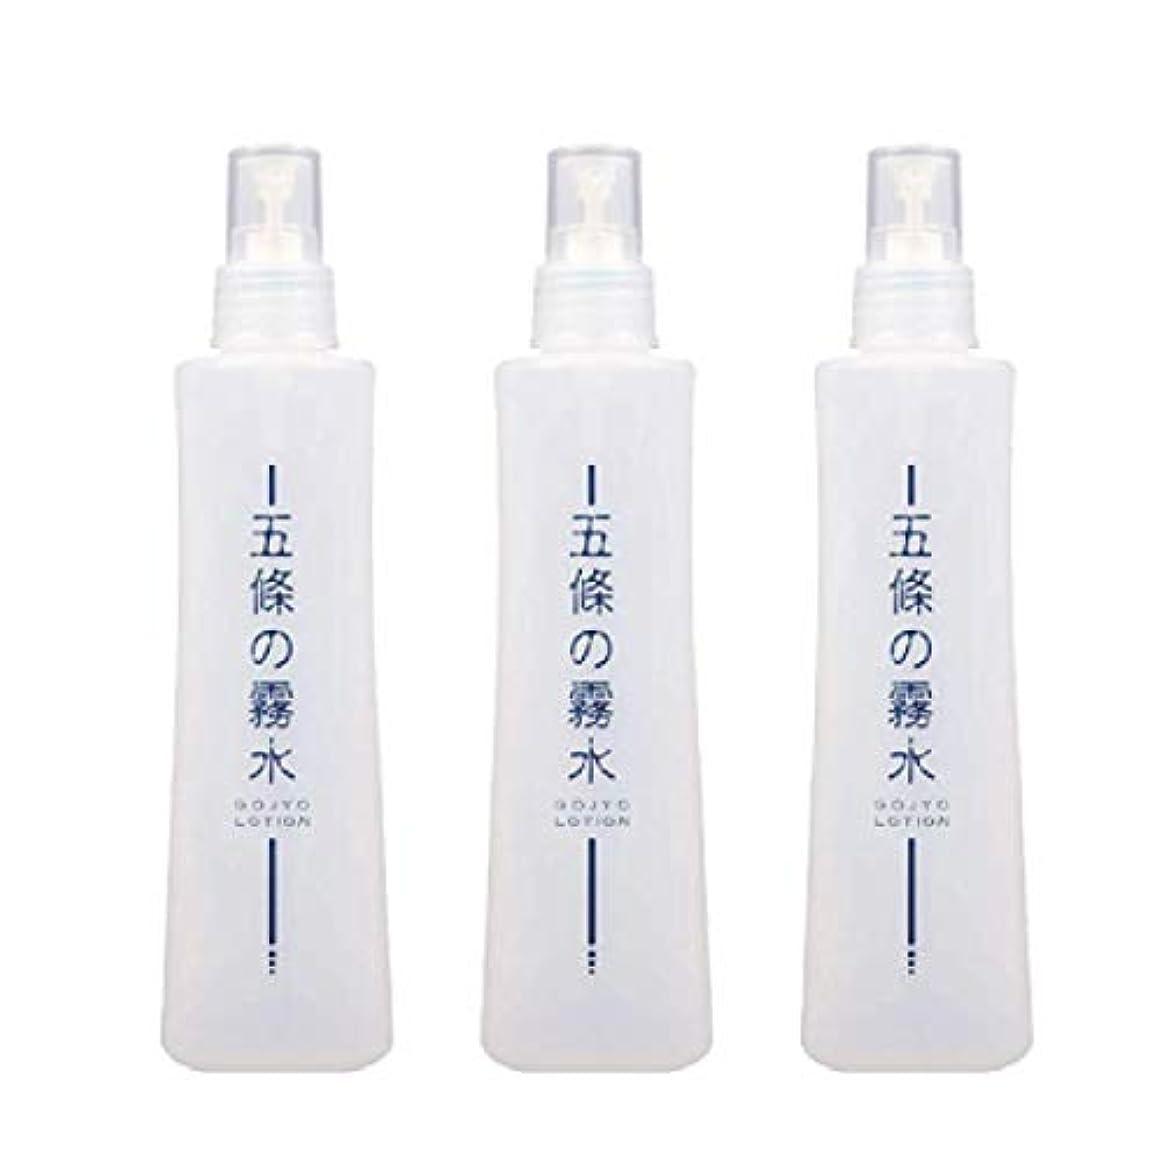 ペレットについてファンブル五條の霧水ベーシック(3本セット) +アレッポの石鹸1個プレゼント 無添加保湿化粧水